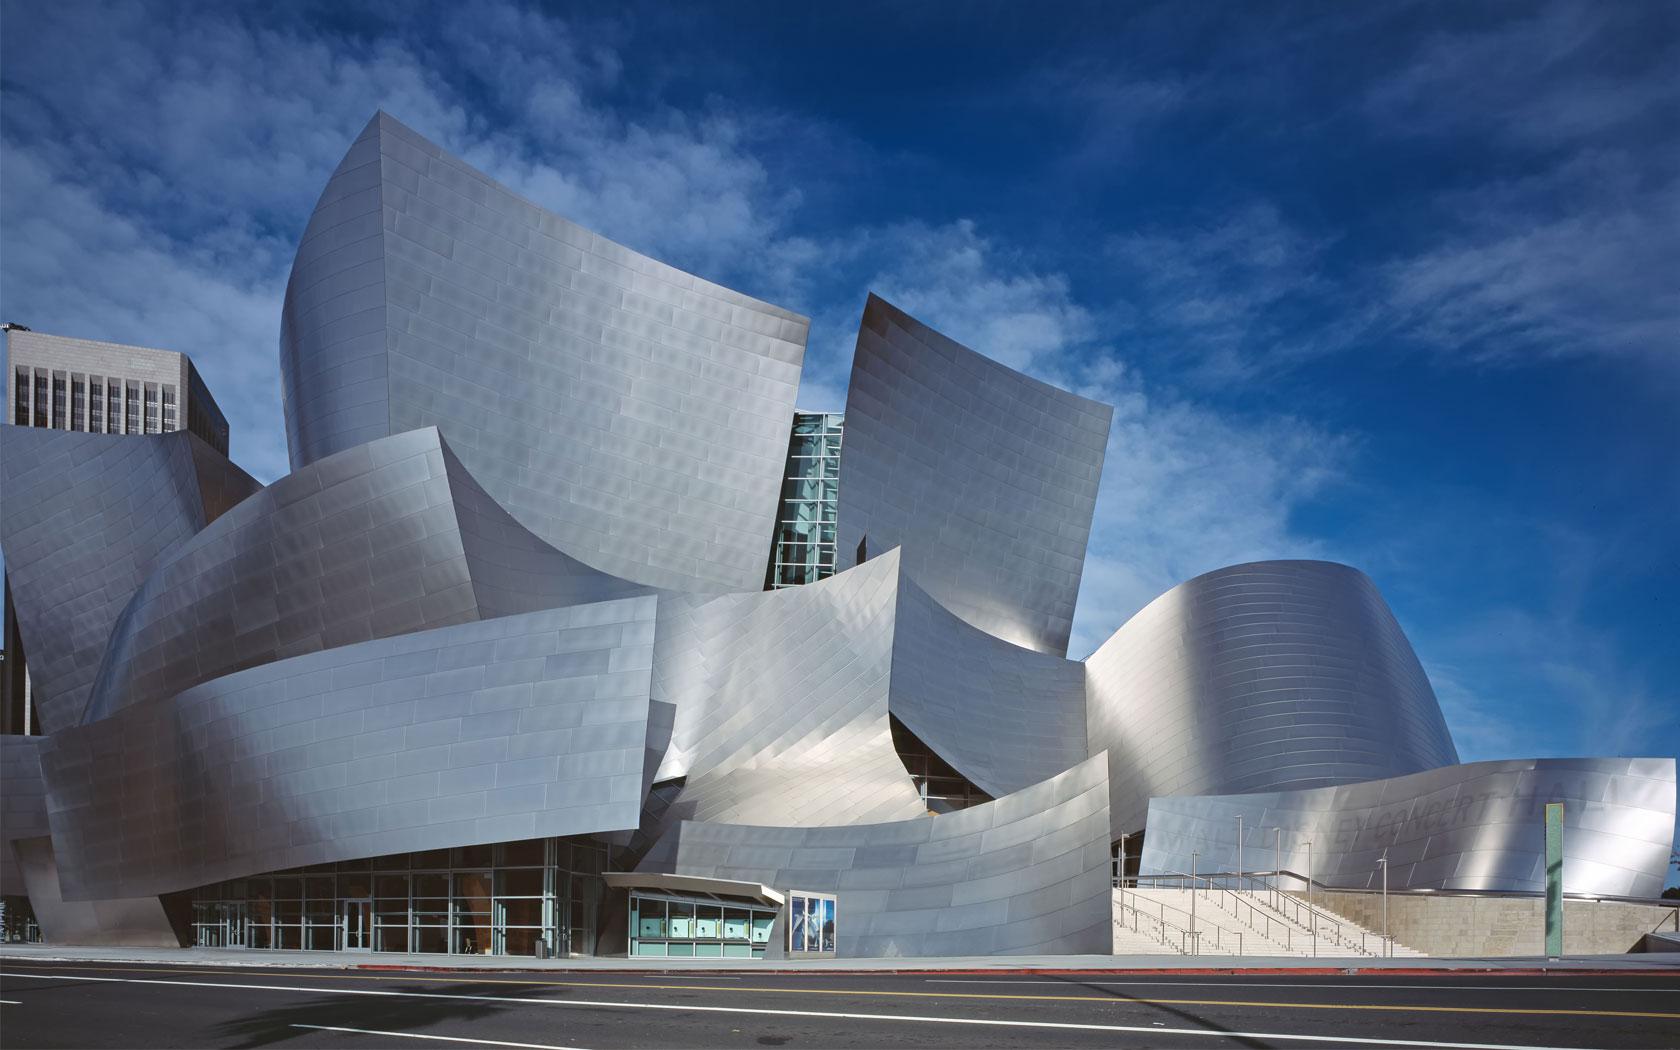 Los angeles walt disney concert architecture fieldlines for Los angeles architecture